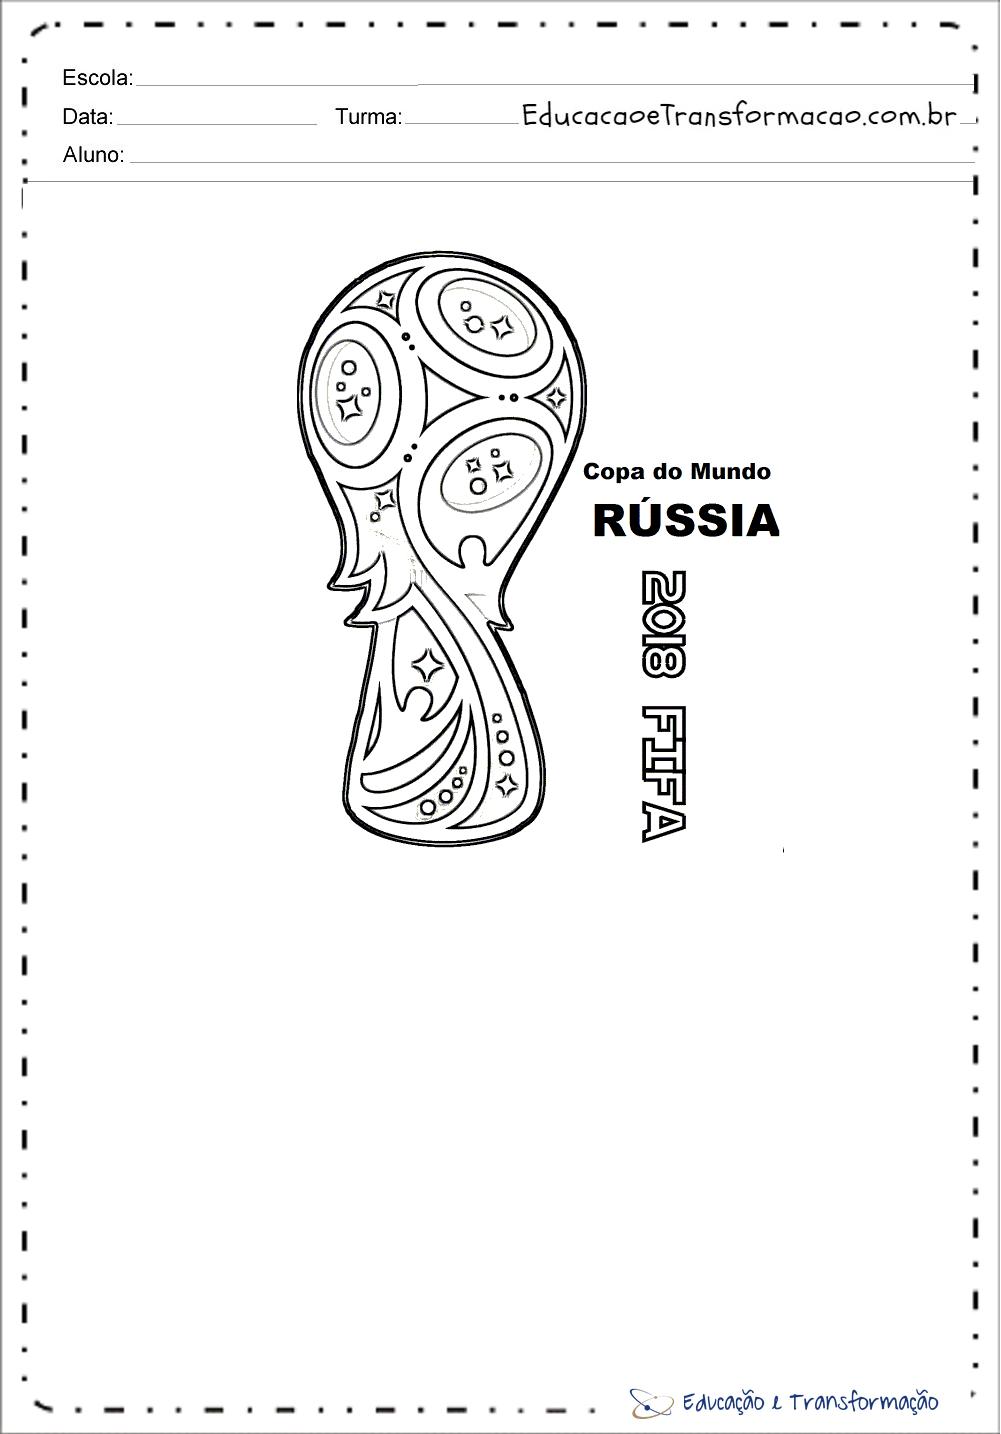 Atividades sobre a Copa do Mundo - Troféu Copa do Mundo 2018 na Russia para colorir